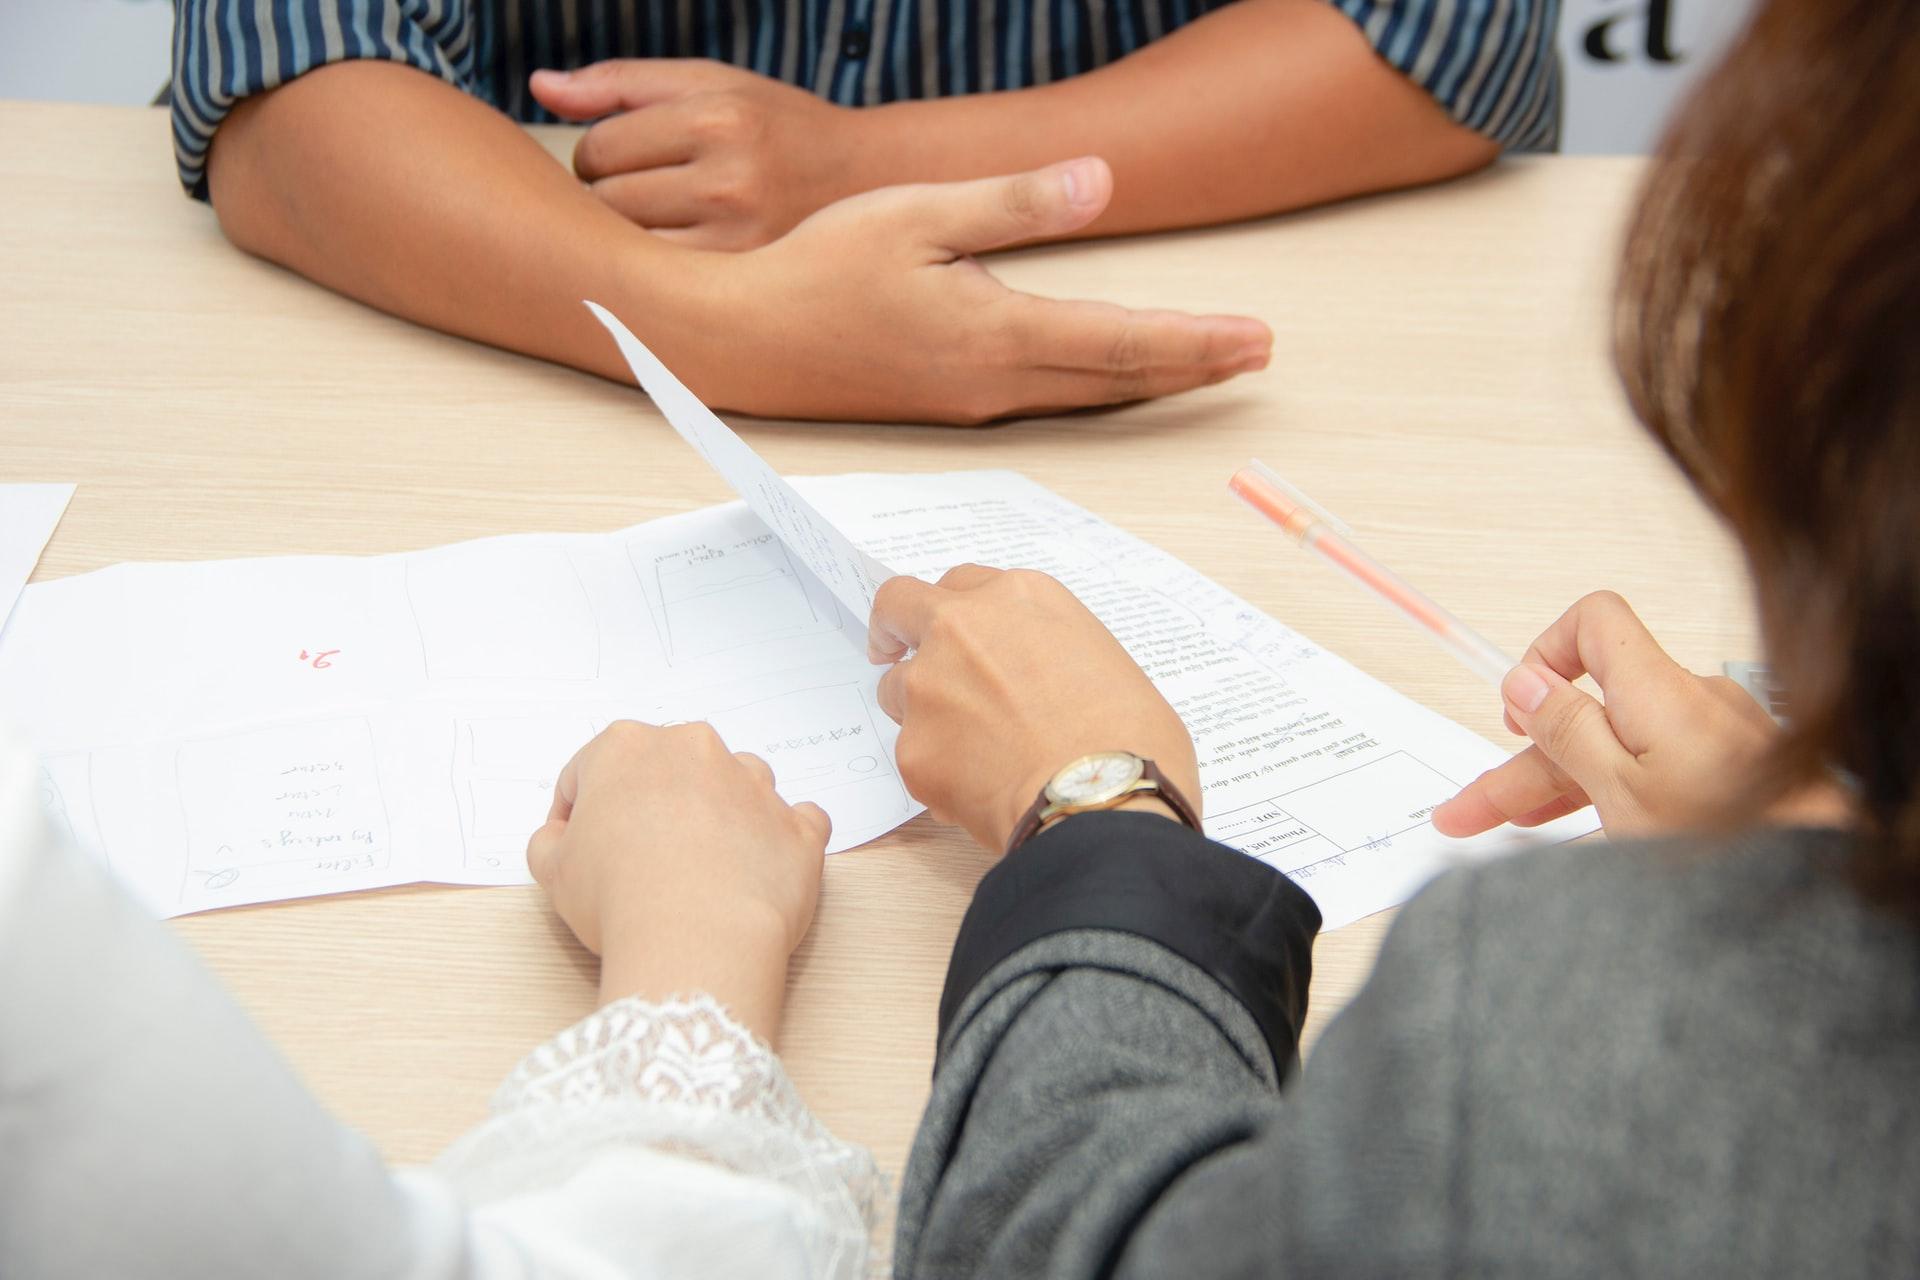 สร้างแบบสอบถาม ให้สอดคล้องกับหัวข้อวิจัยอย่างไรดี